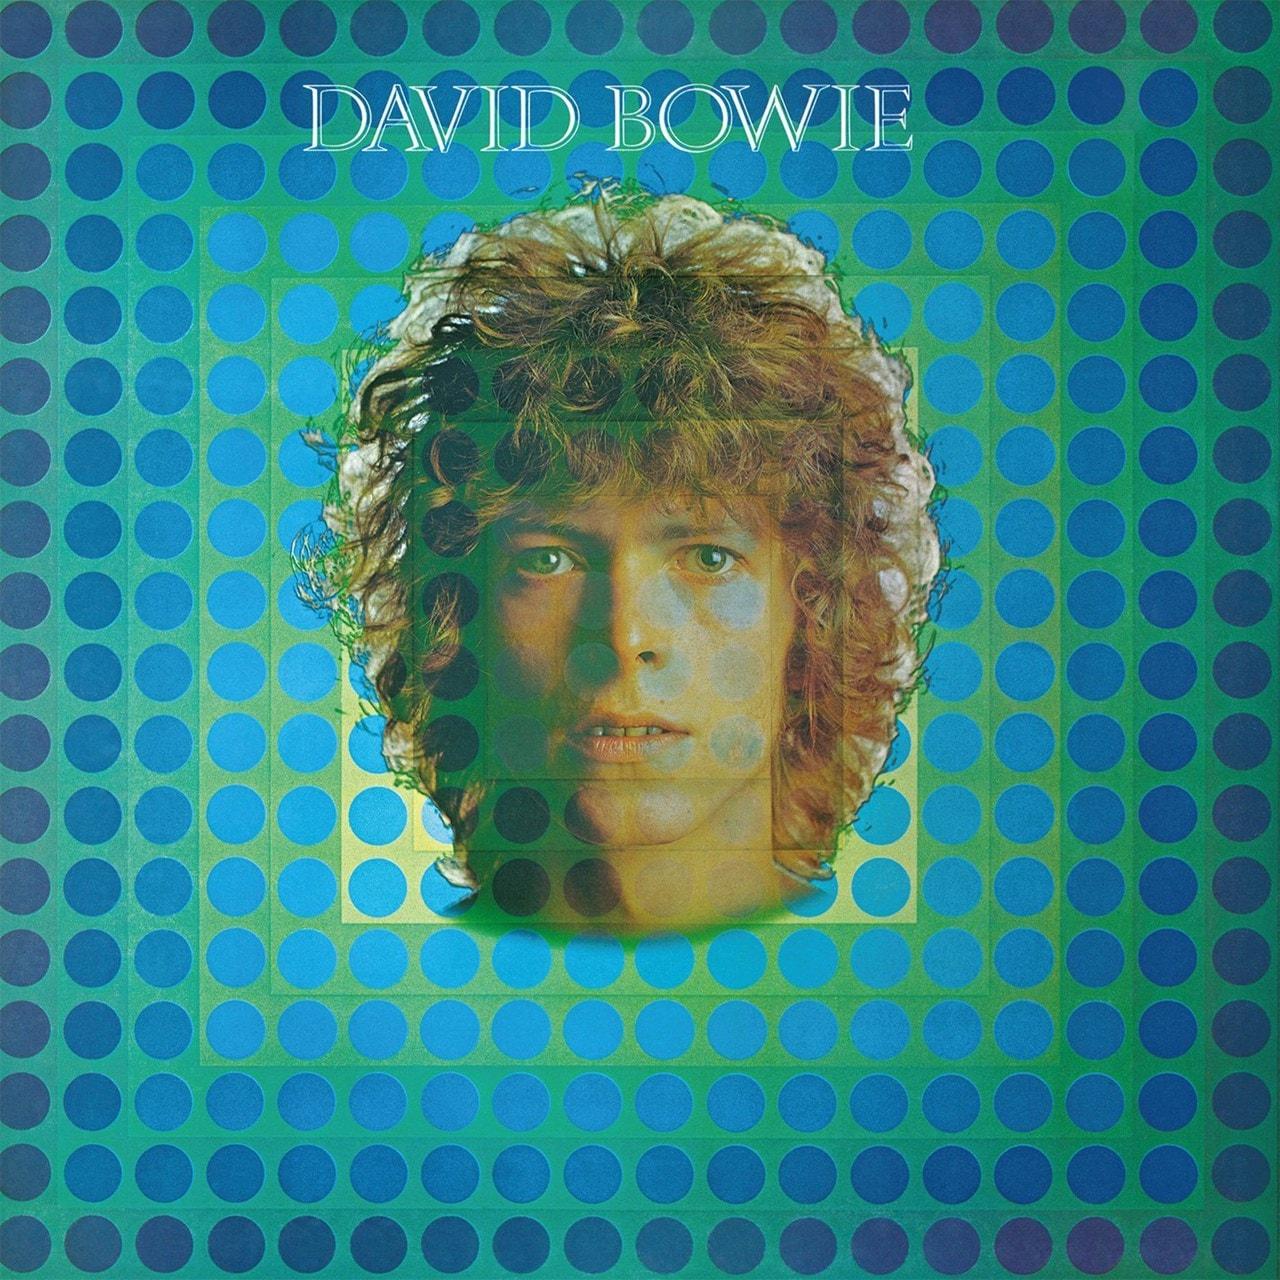 David Bowie Aka Space Oddity - 1